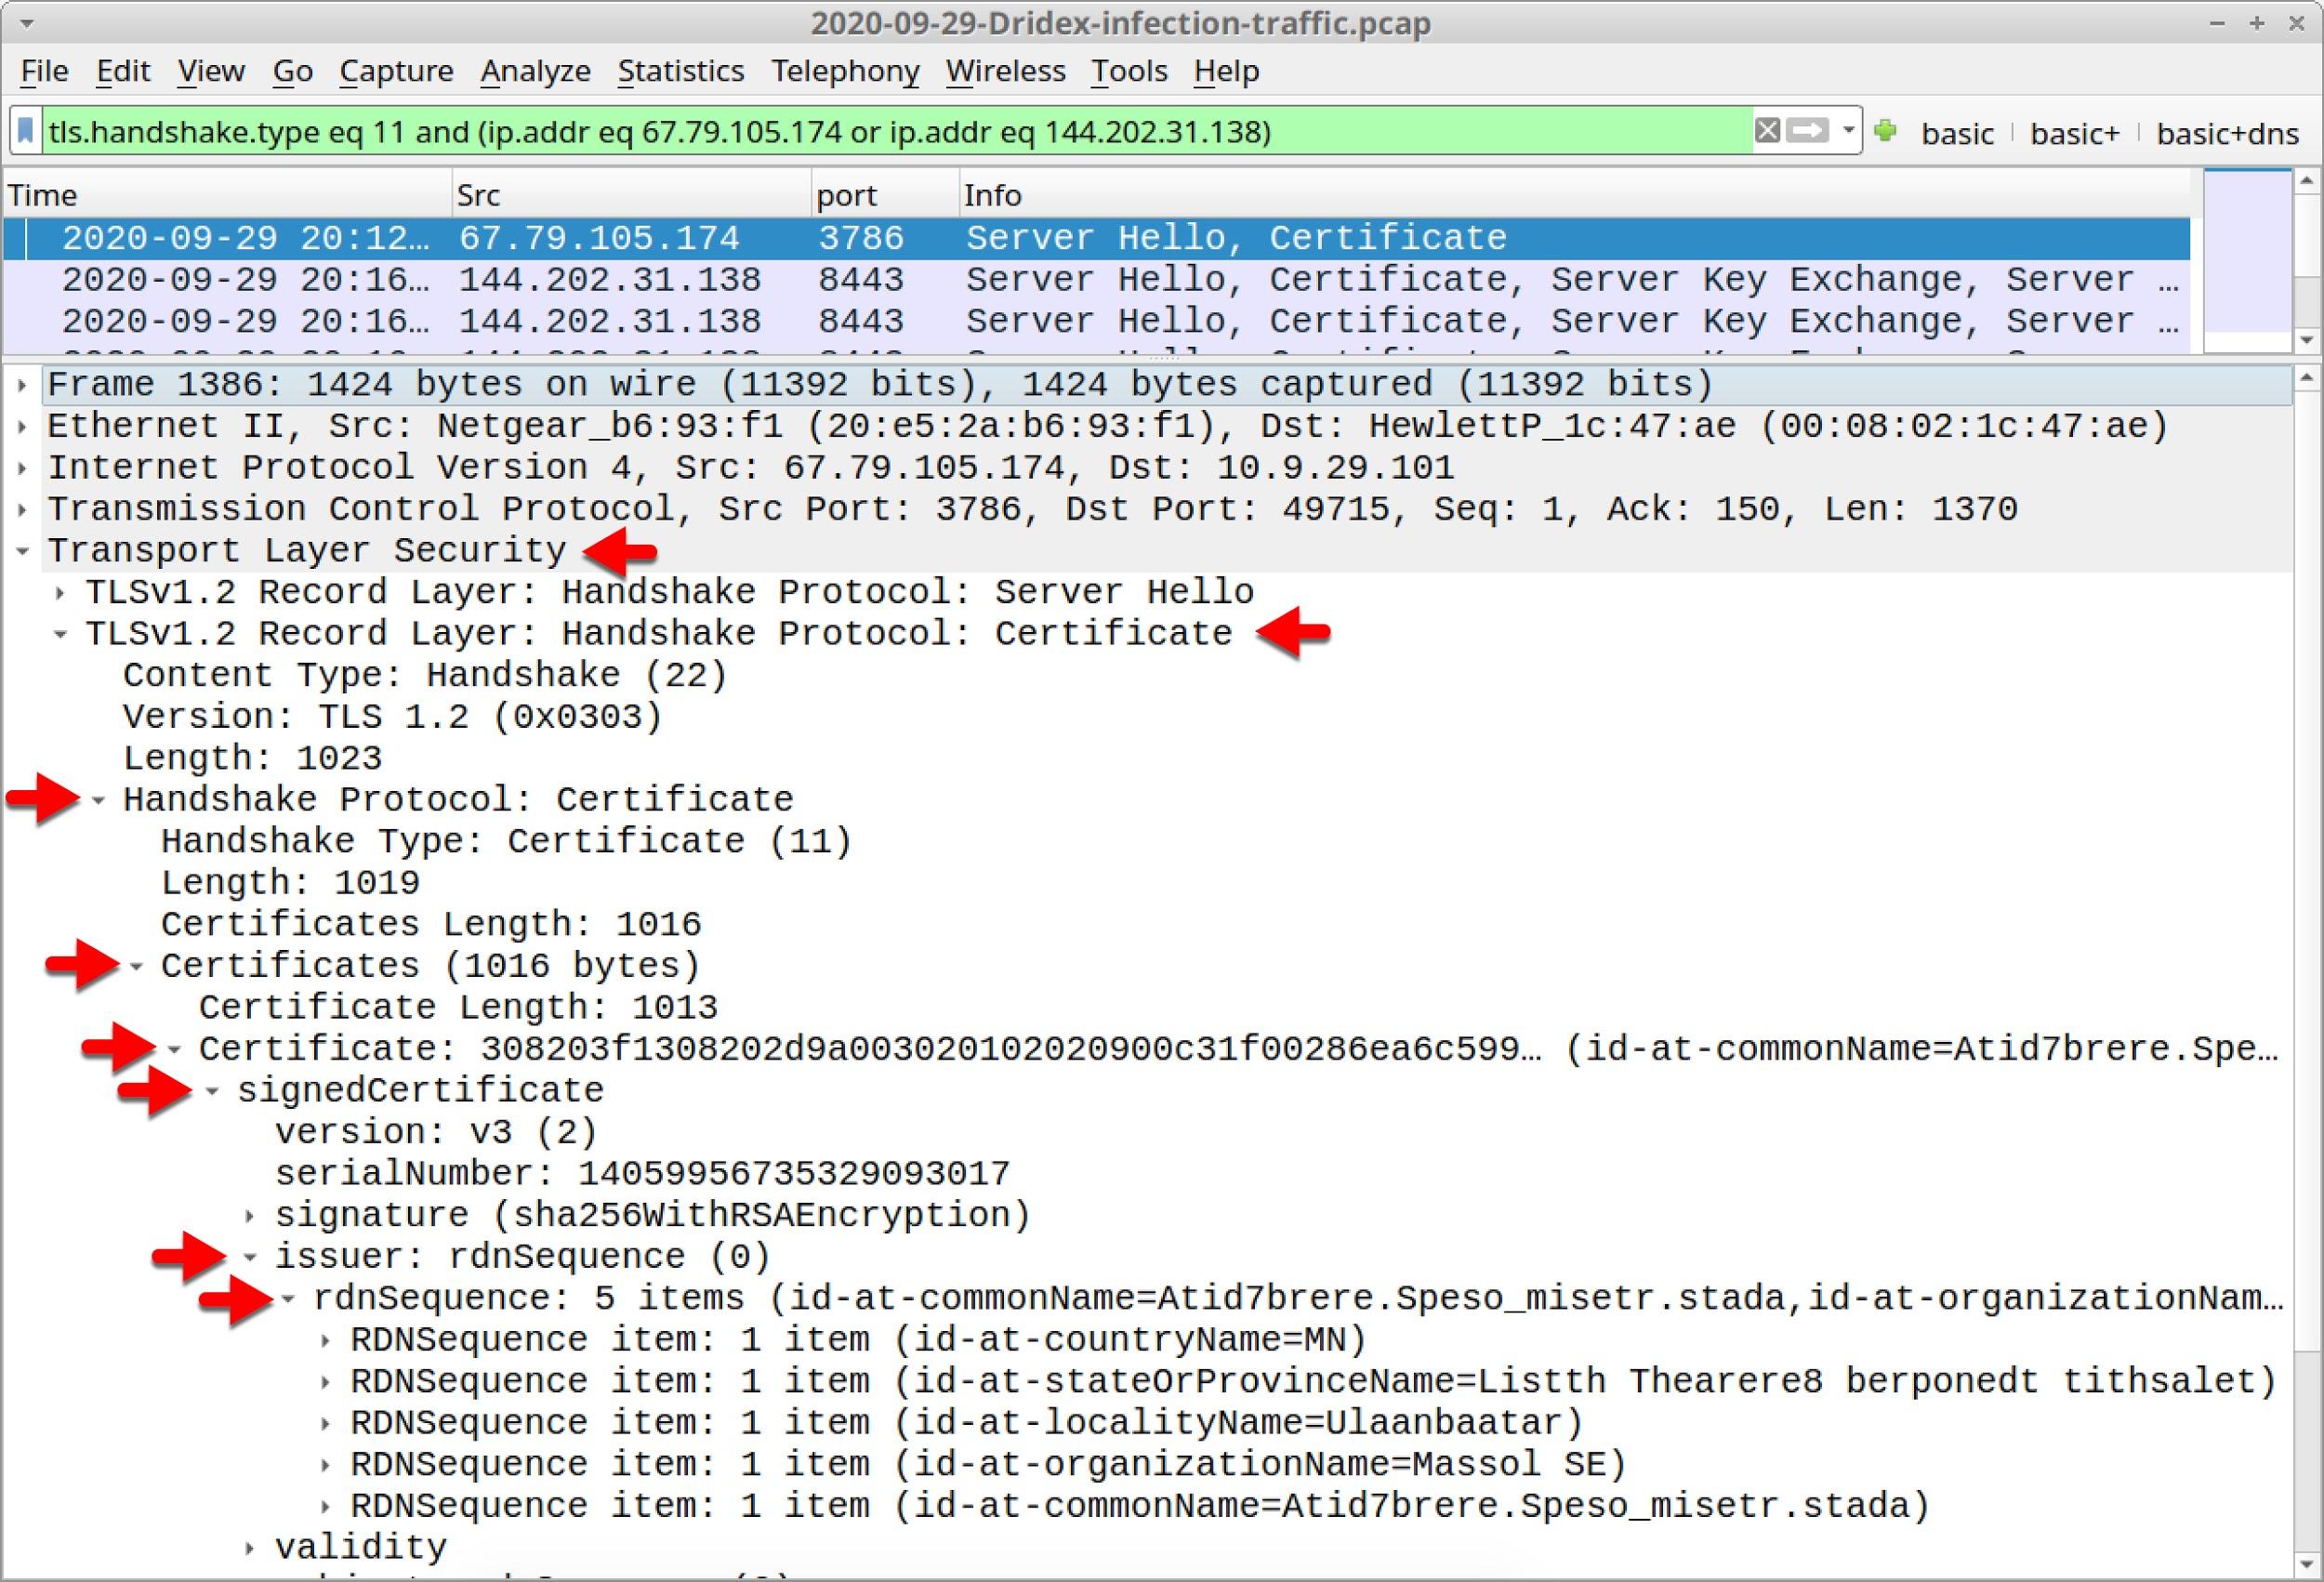 スクリーンショットは、Dridex HTTPSC2トラフィックの証明書発行者データを見つけるために使用できる重要なスポットを強調しています。赤い矢印は、トランスポート層のセキュリティ、証明書、ハンドシェイクプロトコル、署名された証明書、発行者、およびrdnSequenceを特に示しています。